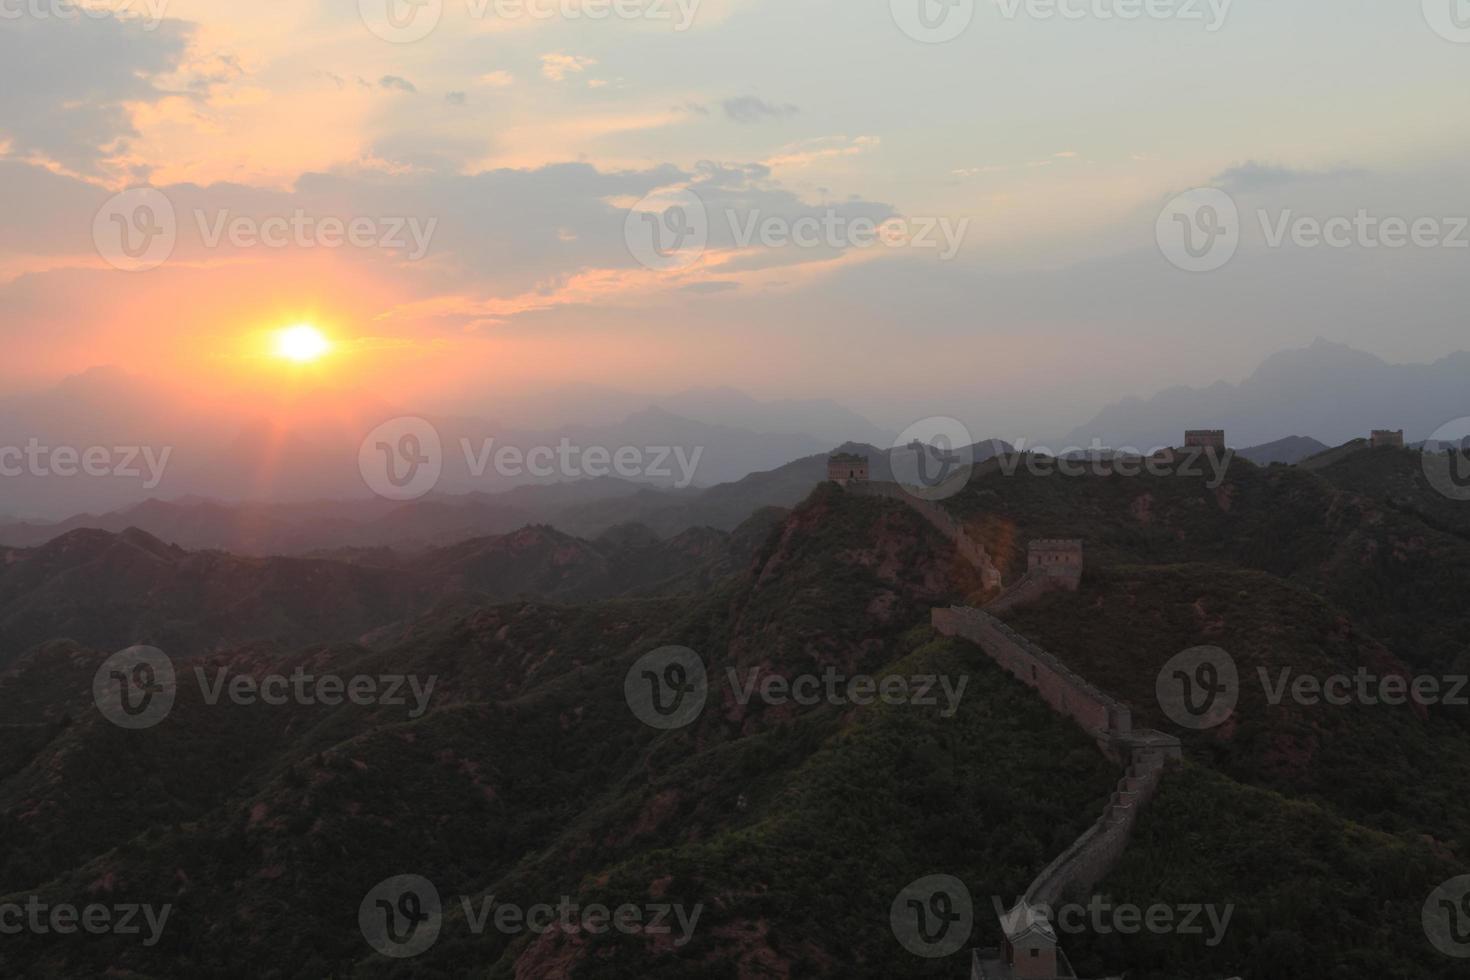 sonnenaufgang an der chinesischen mauer bei jinshanling foto